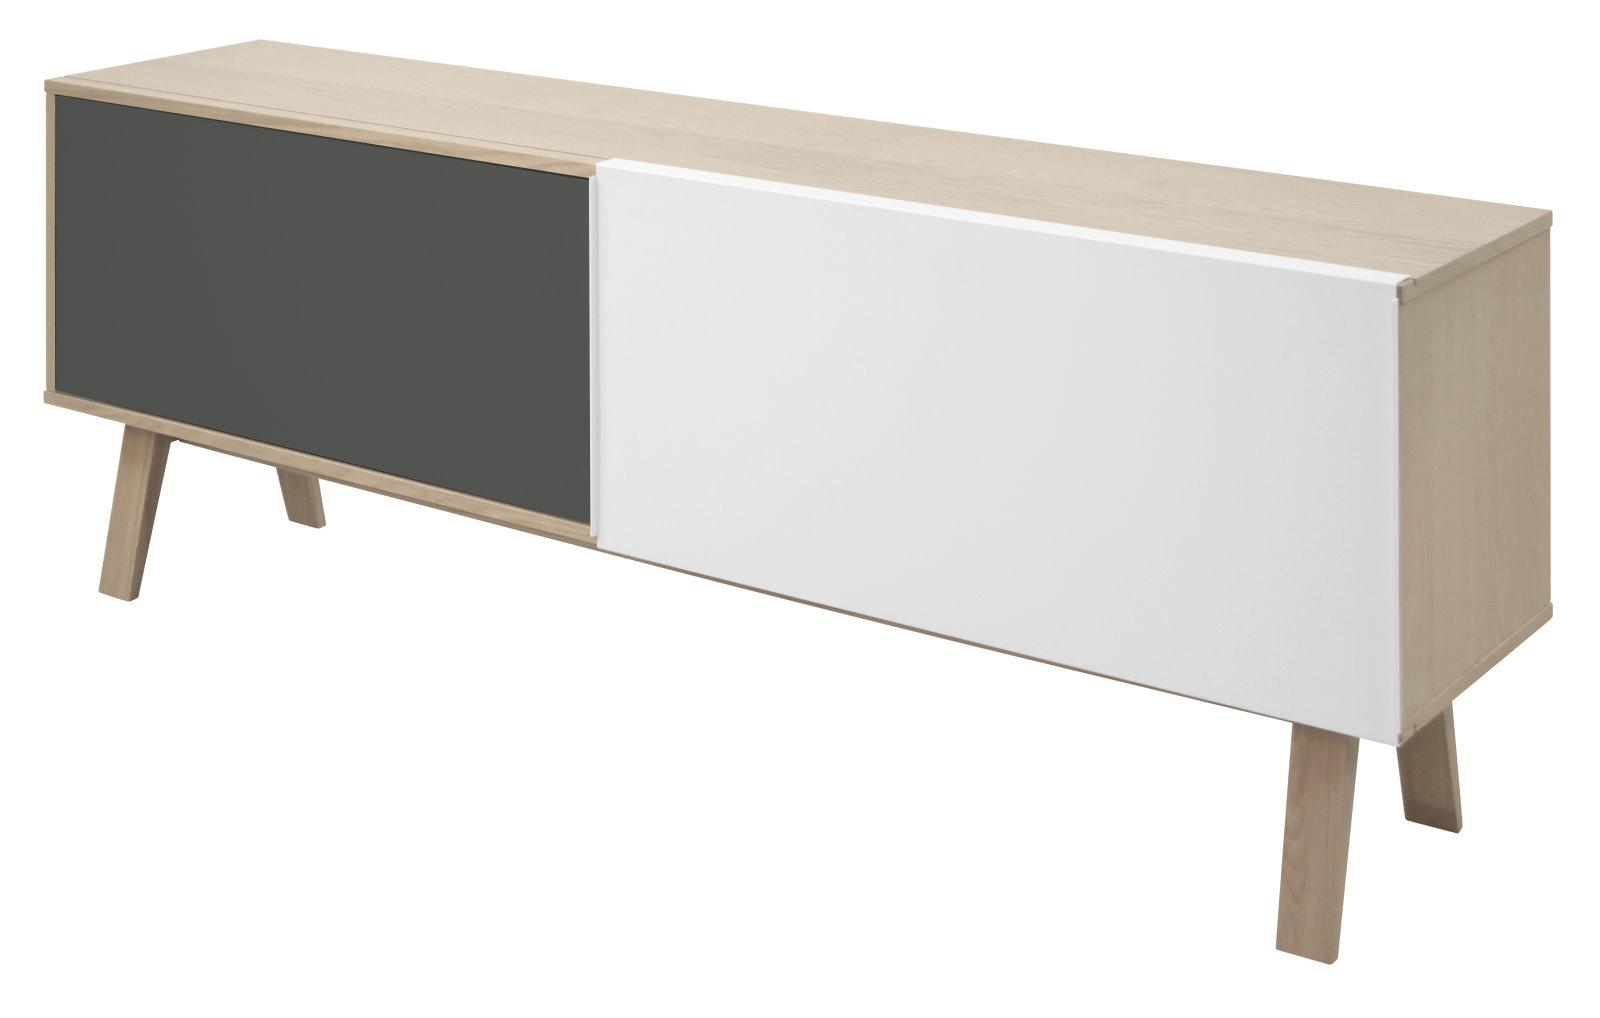 sideboard miso in stahlgrau und eichenfurnier kommode. Black Bedroom Furniture Sets. Home Design Ideas